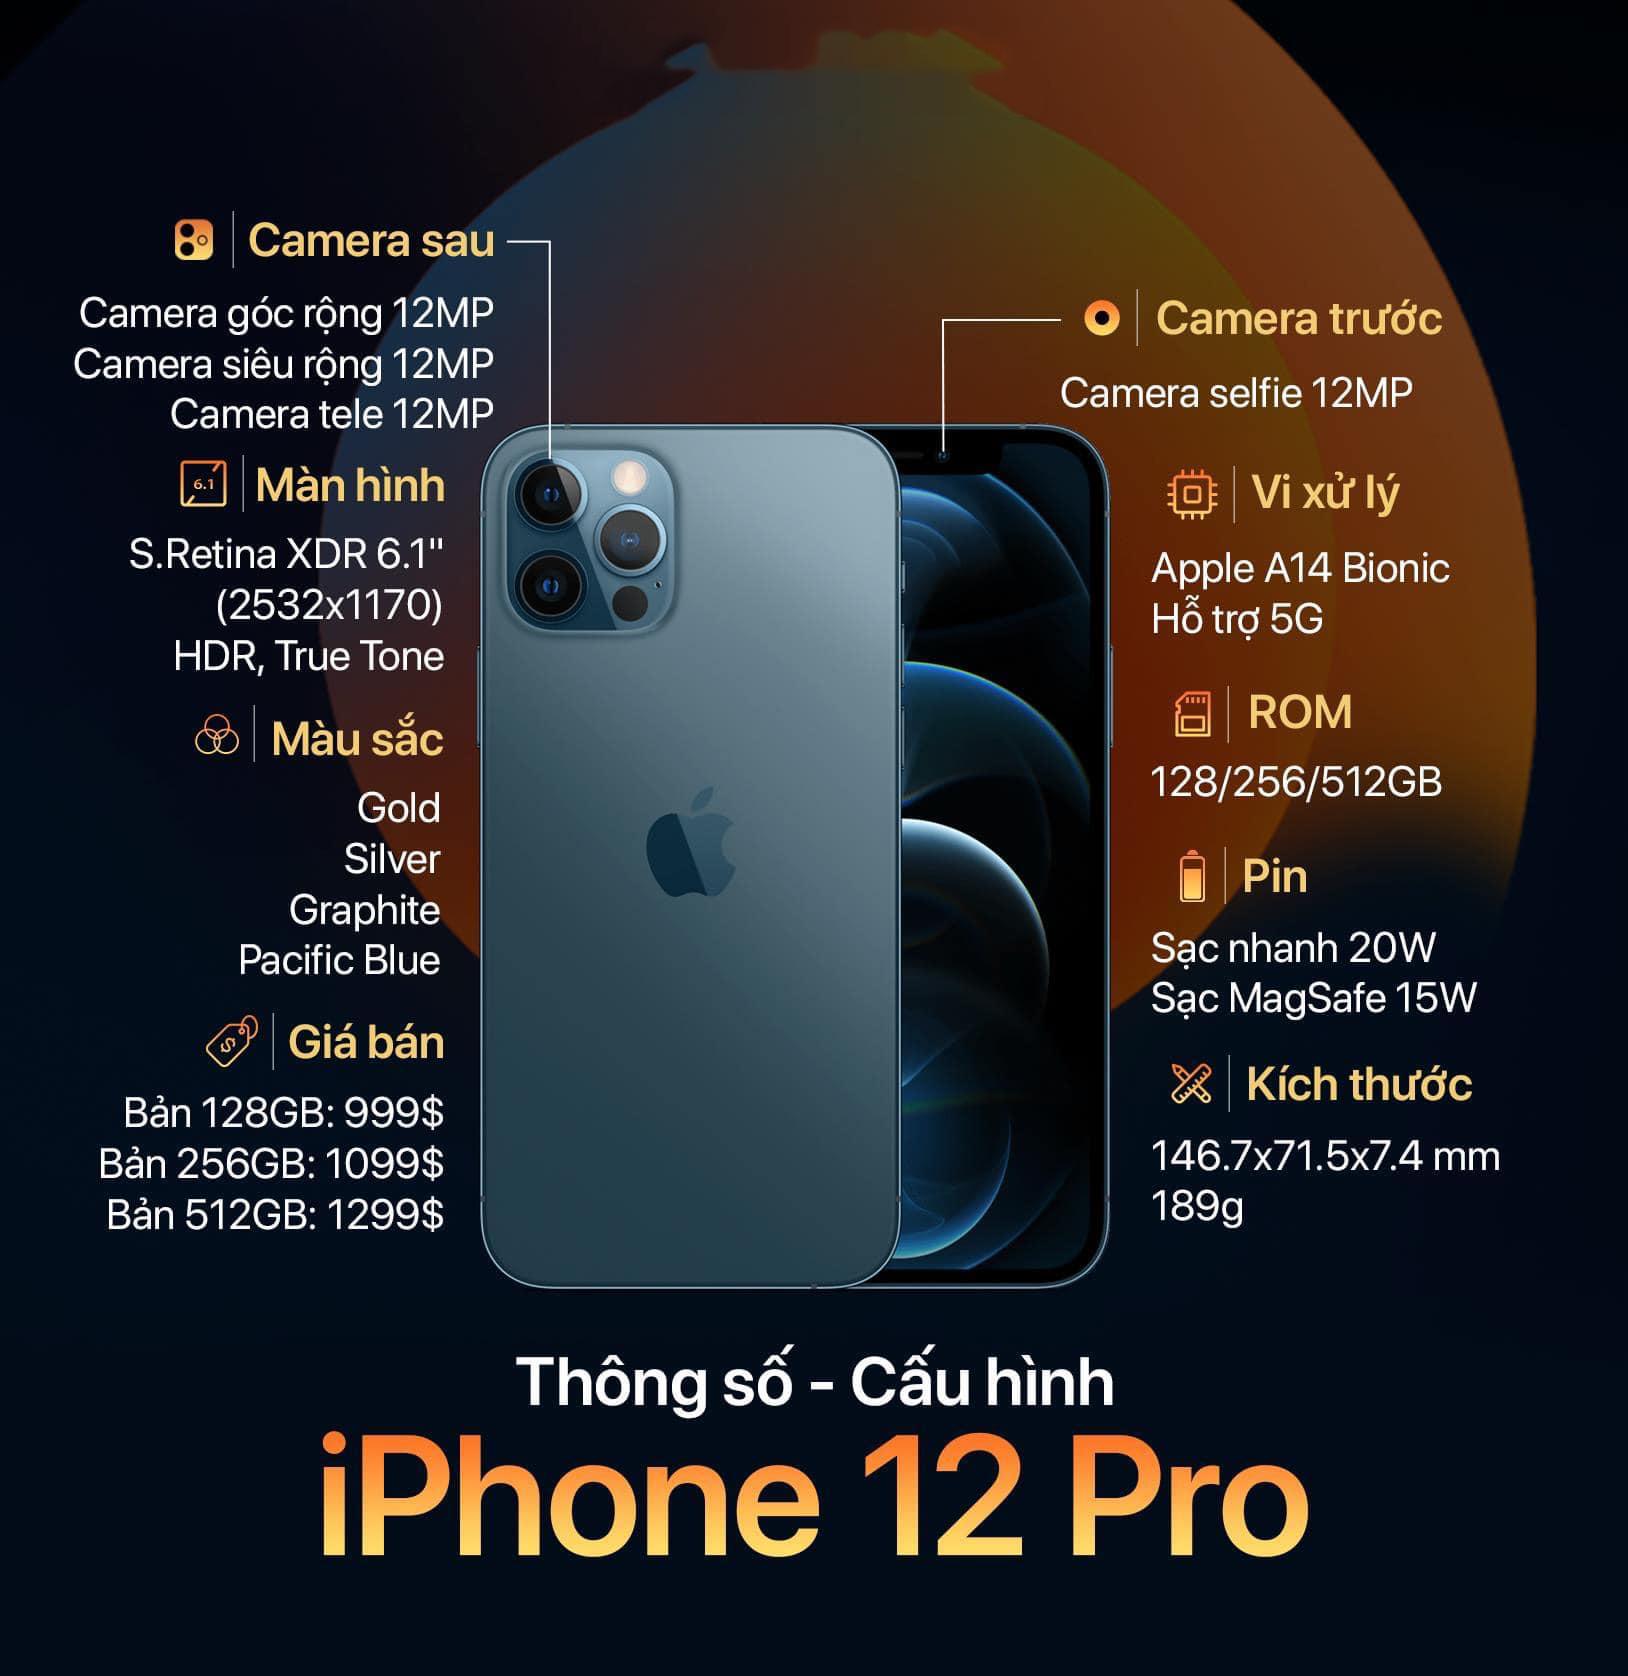 bảng thông số cấu hình iphone 12 pro